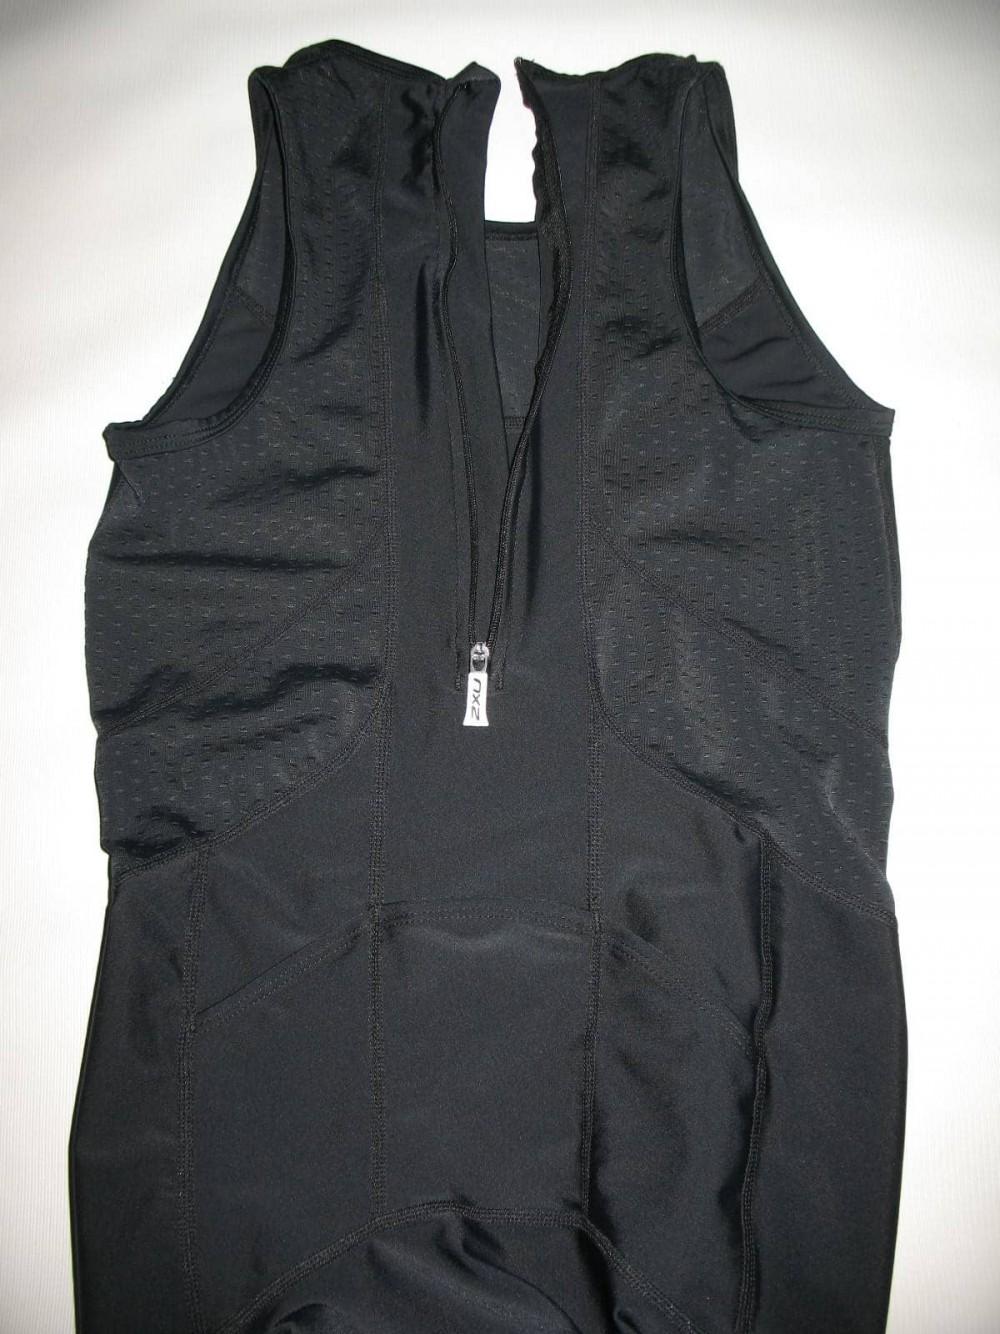 Костюм для триатлона 2XU perform trisuit lady (размер S) - 6